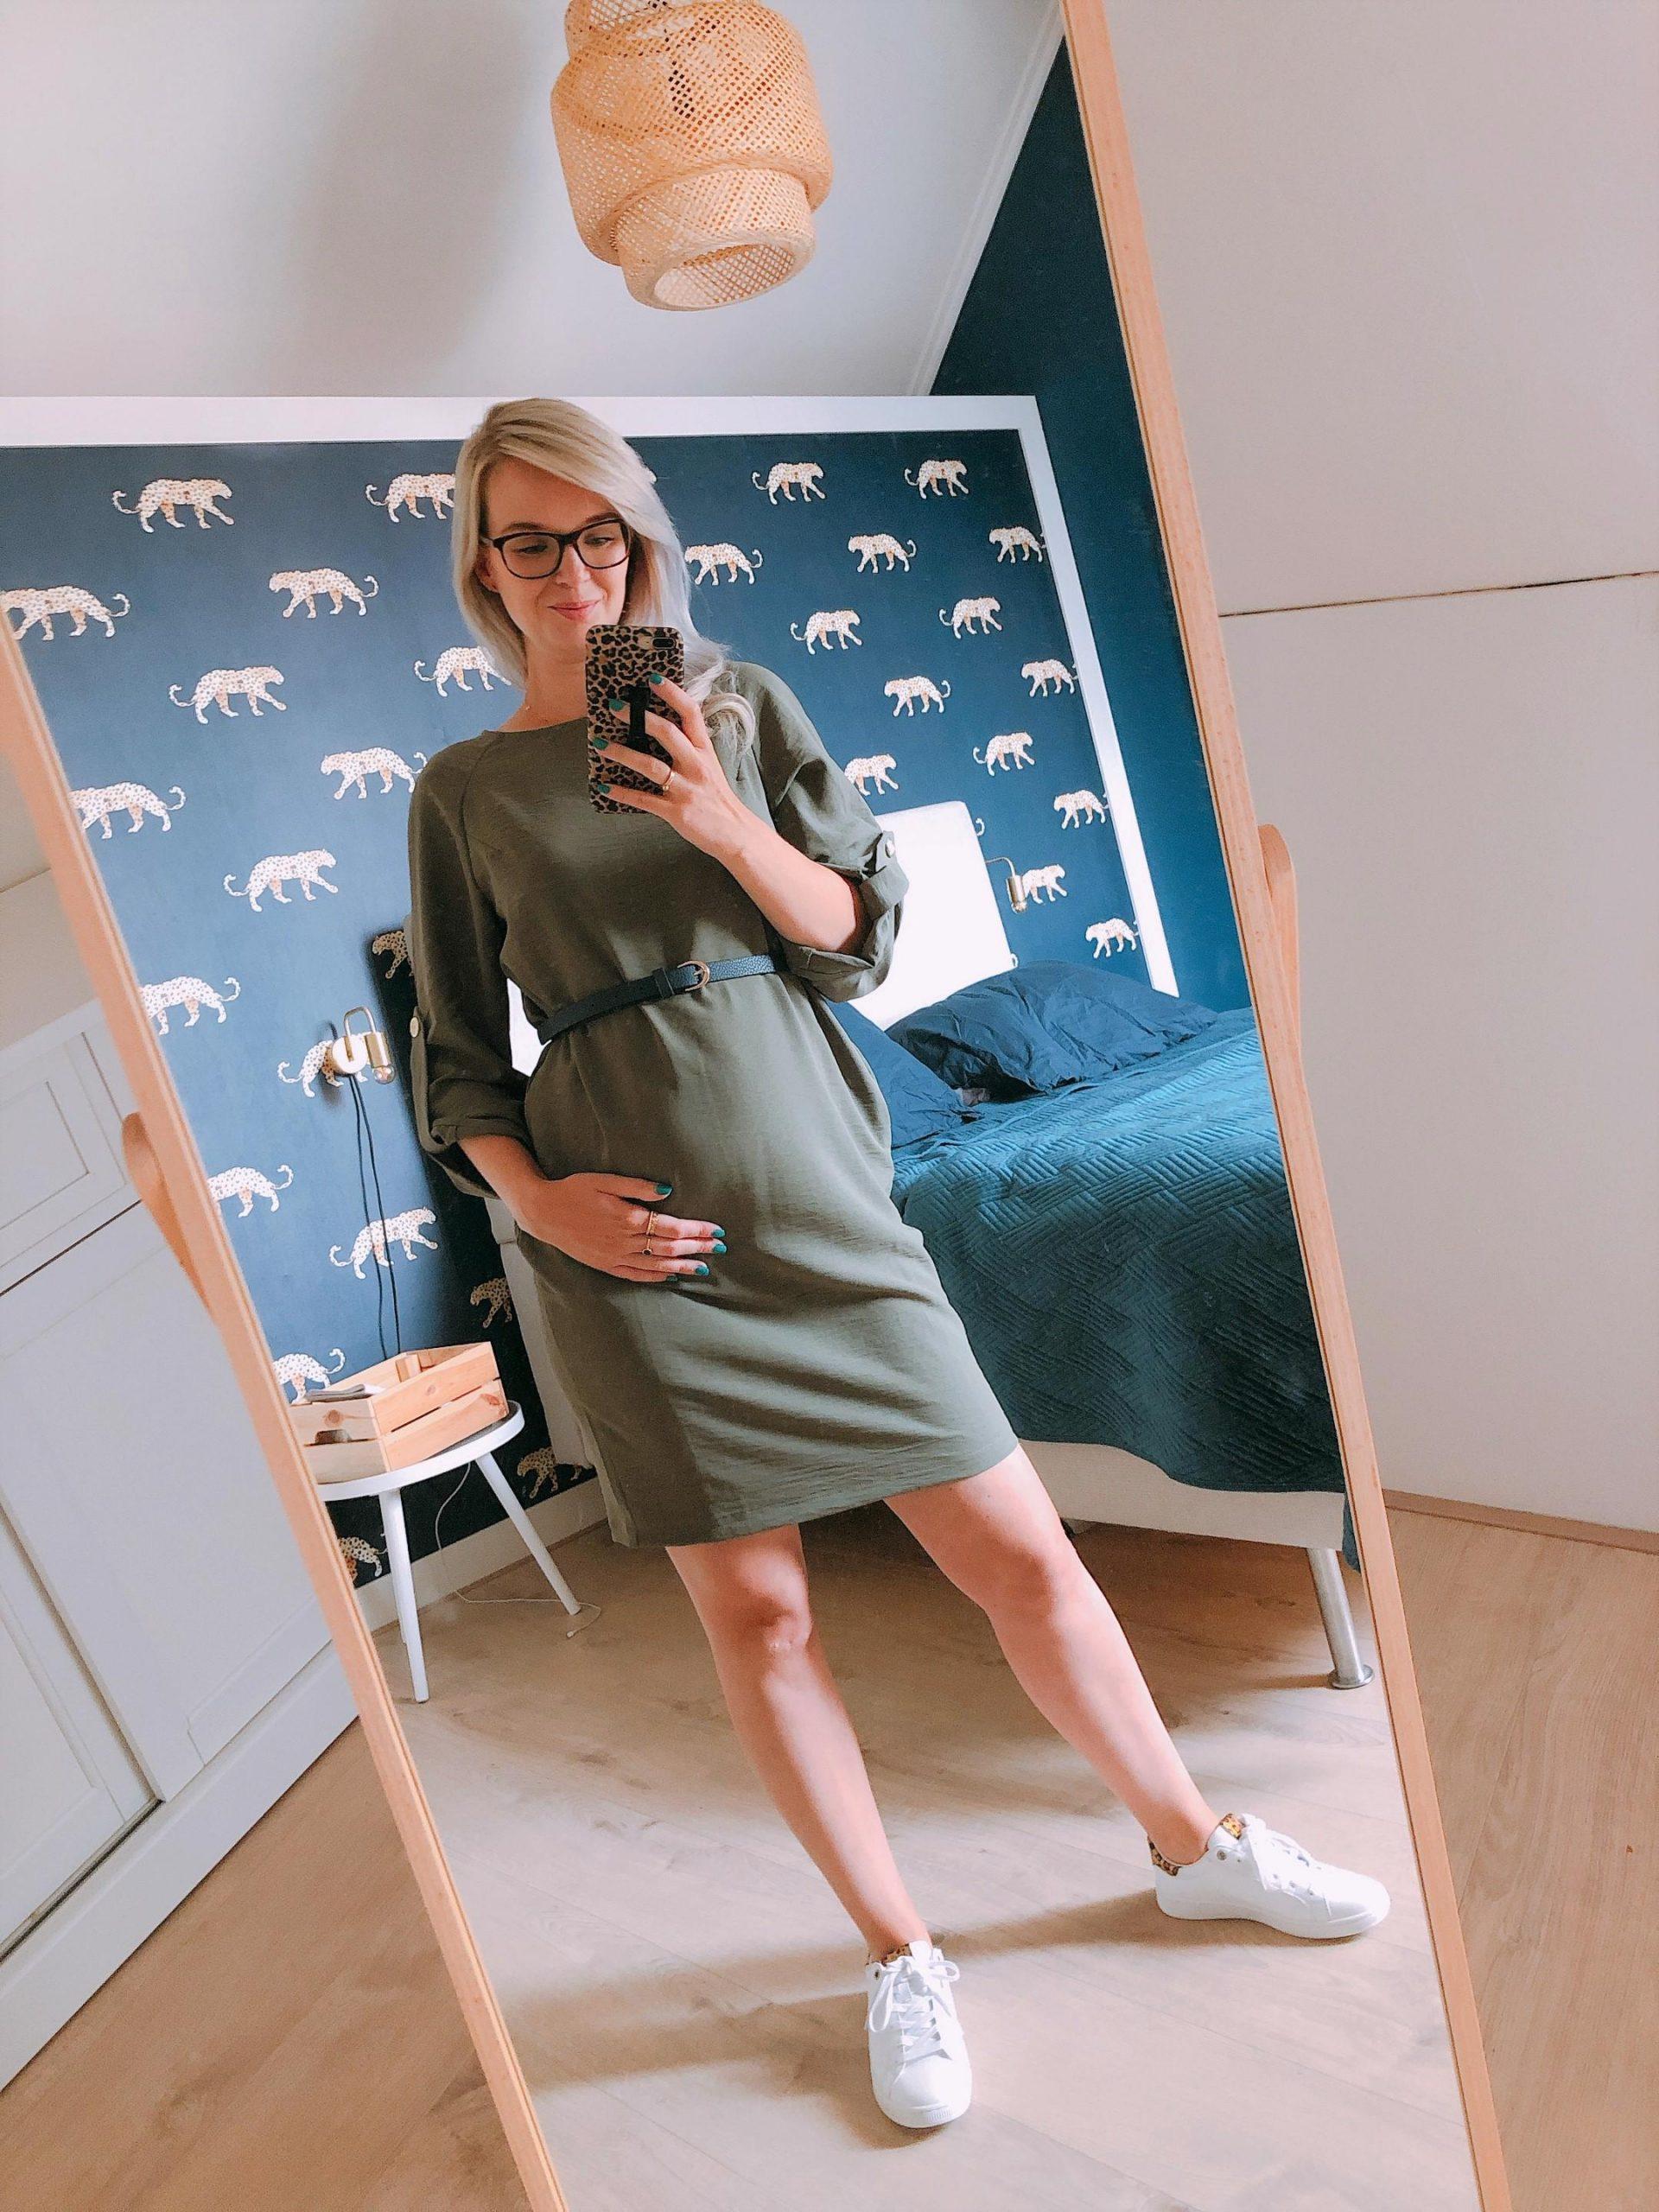 IMG 3075 2160x2880 1 scaled - Kledingshoplog - outfits updaten van zomer naar herfst & winter!